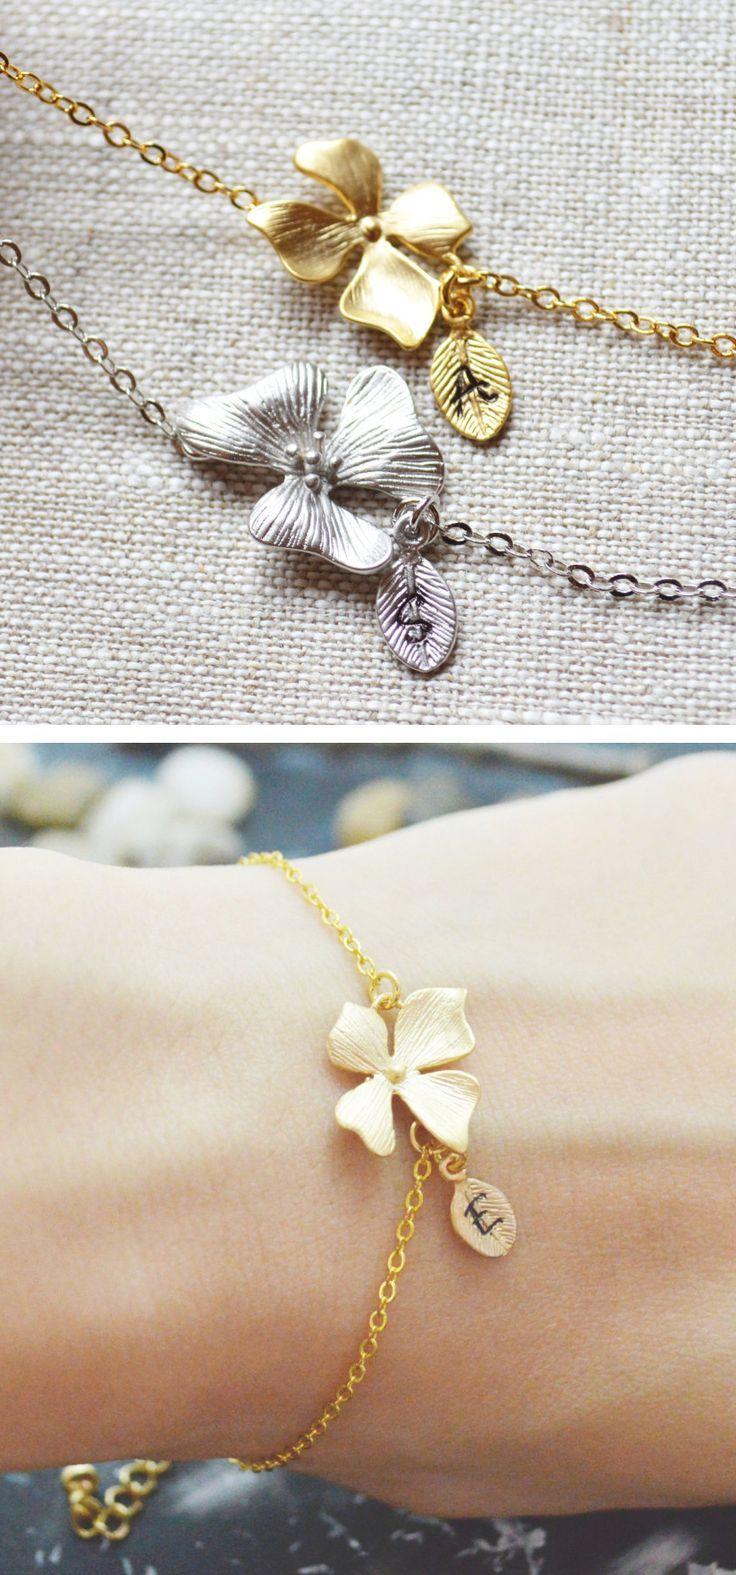 Love delicate flower bracelet shining brightness into the world